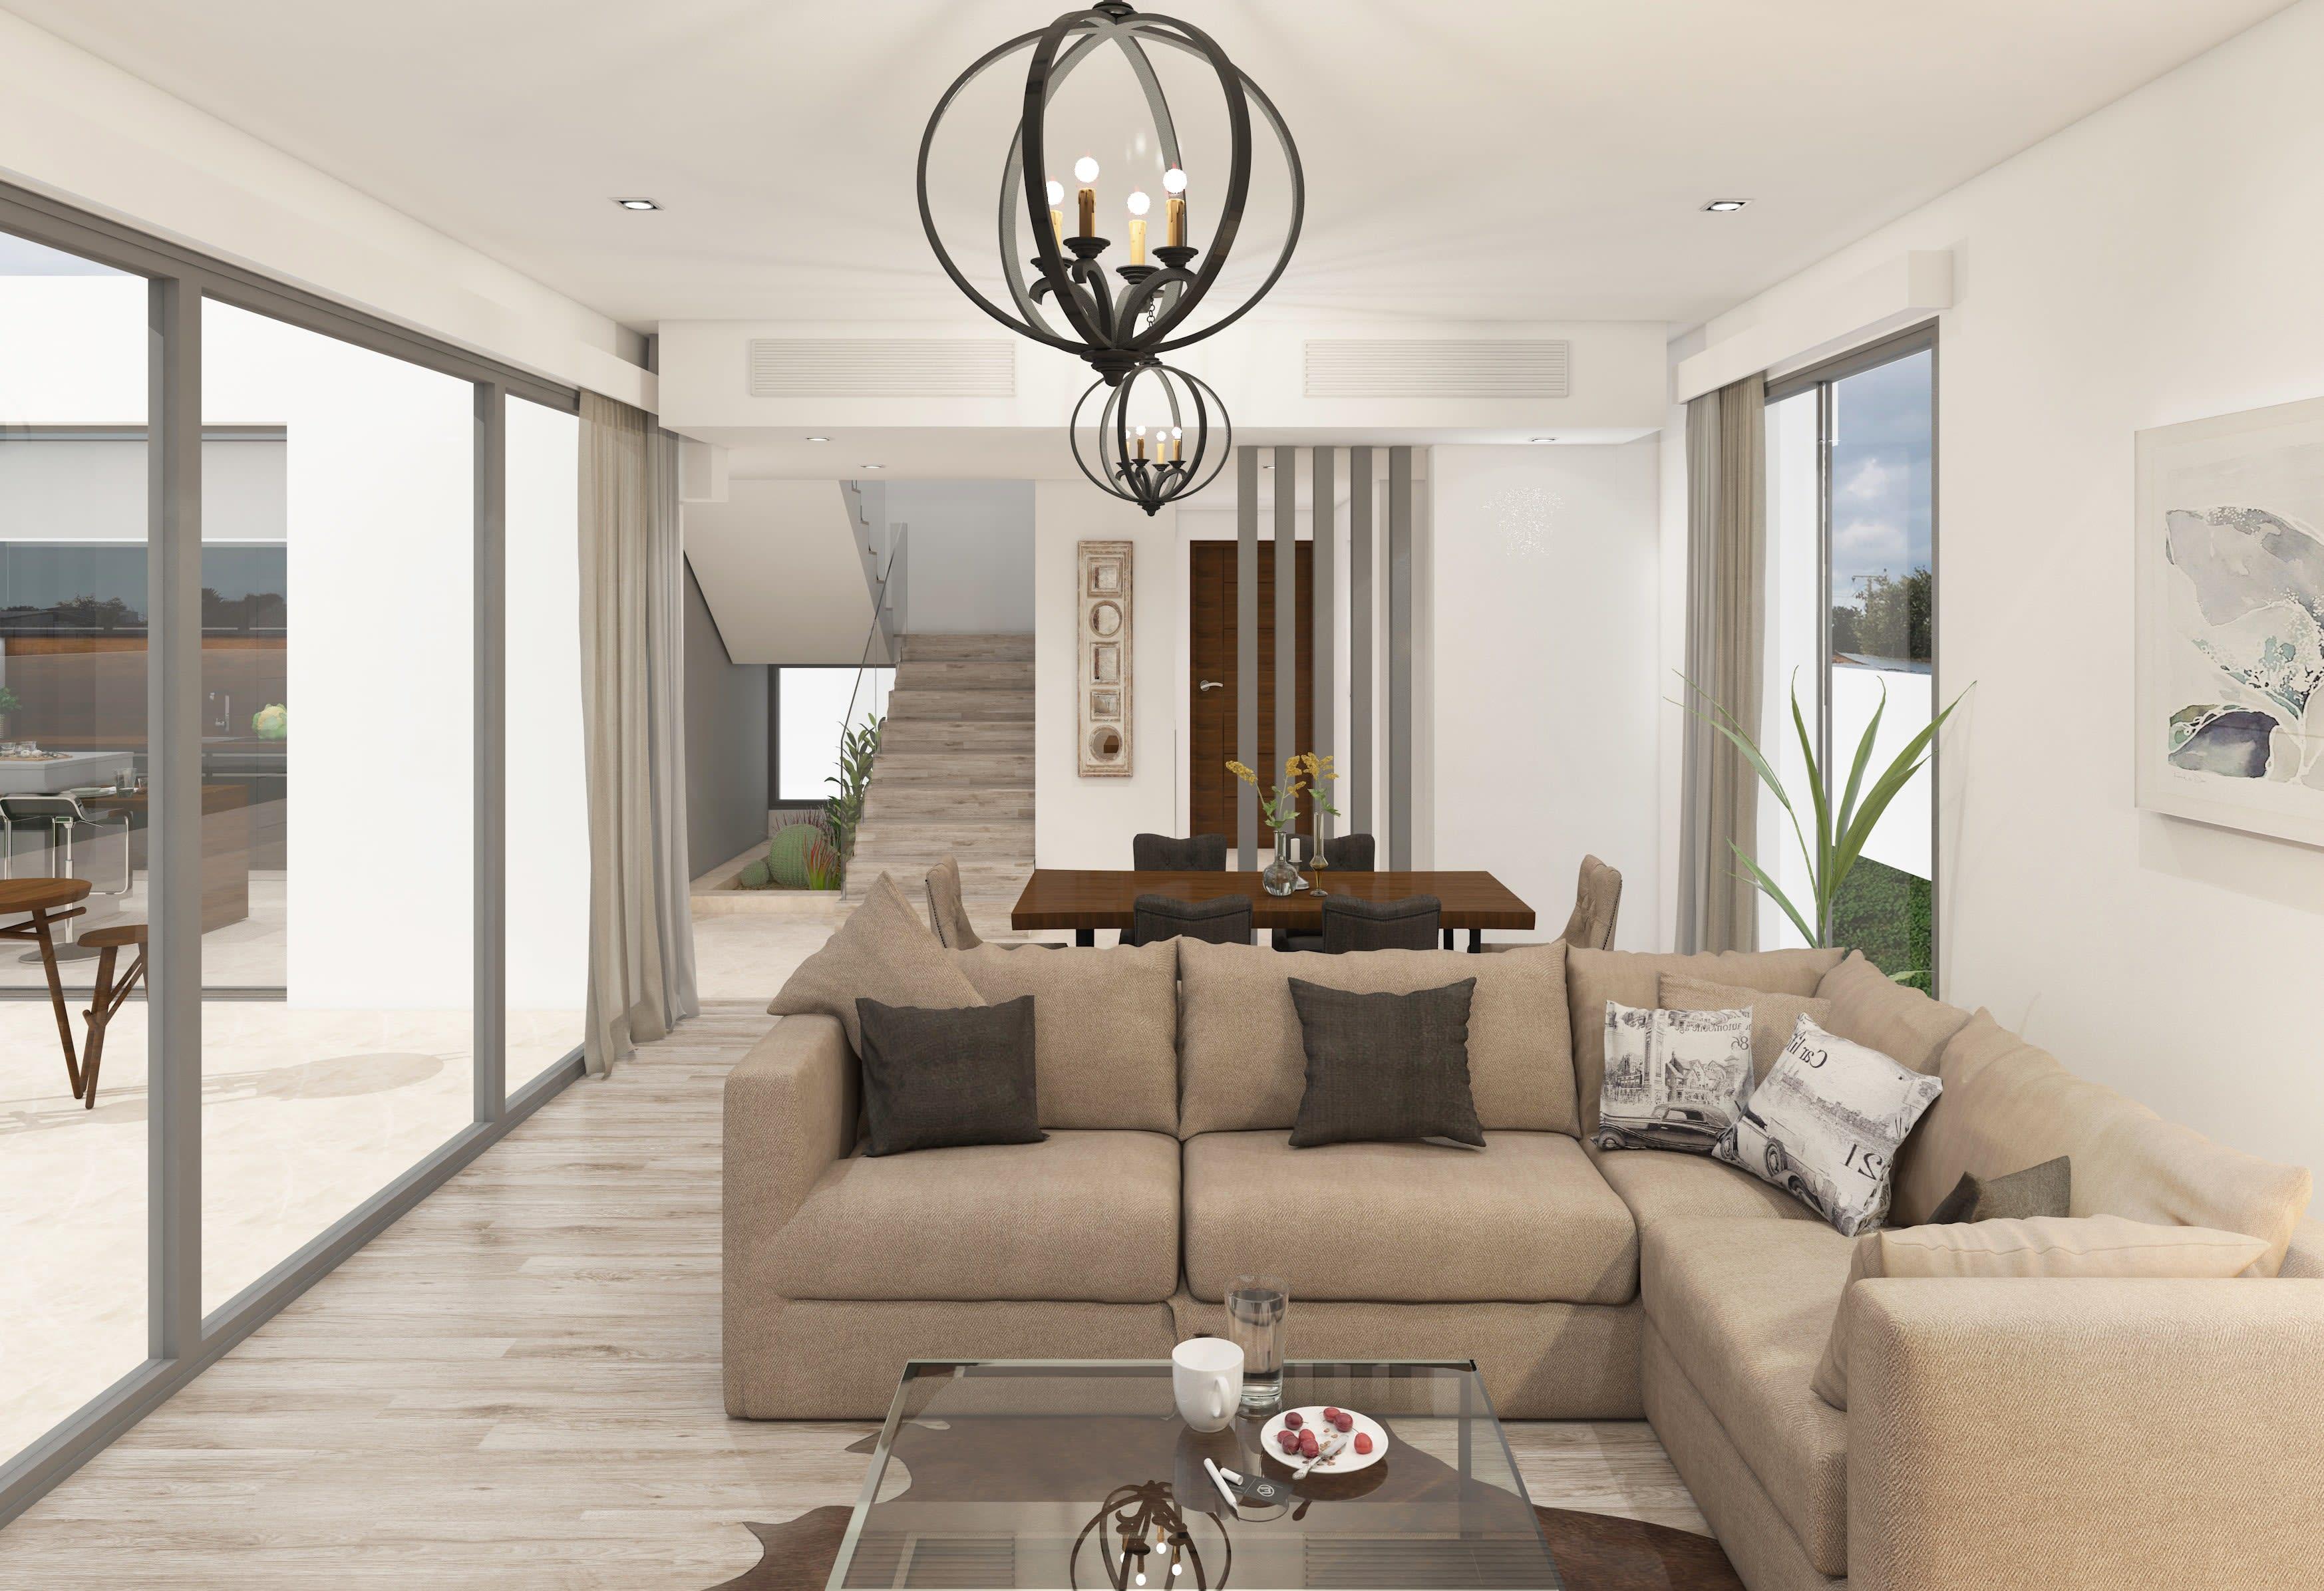 Çatalköy'de Satılık 3 Yatak Odalı Lüks Villalar 7926